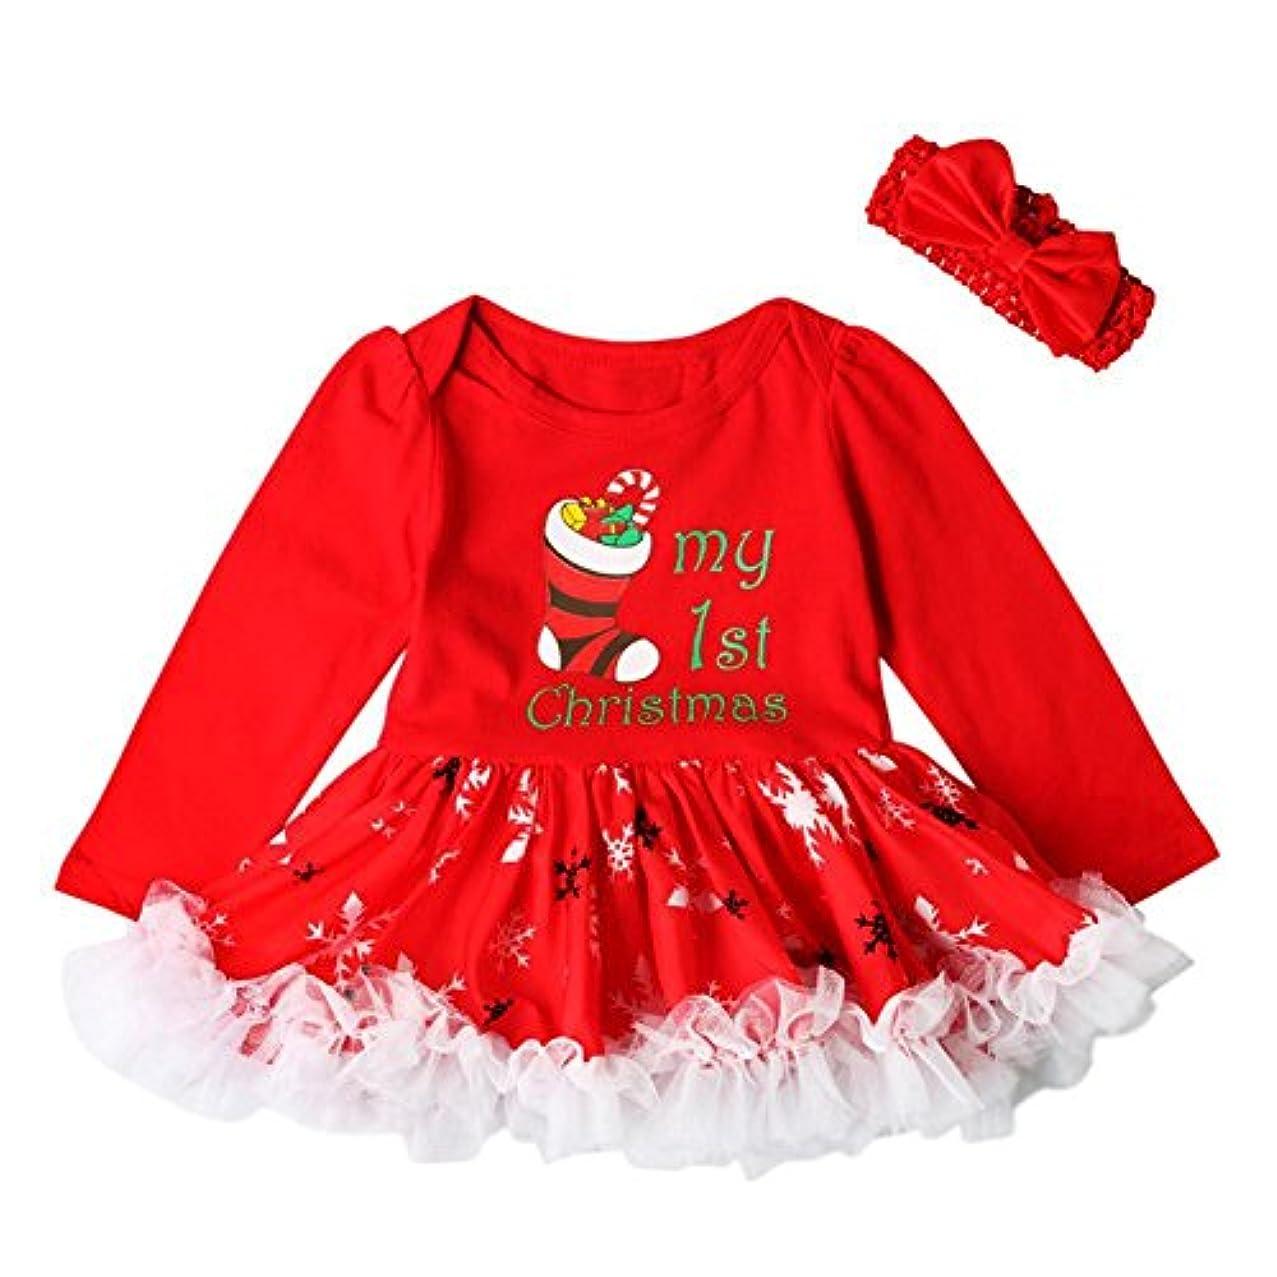 の面では首財団Ochine 赤ちゃん服 子供服  女の子 ドレス ヘアバンド付き 4サイズ 出産祝い/プレゼント コスチューム チュチュワンピース パーティー 発表会 入園式に